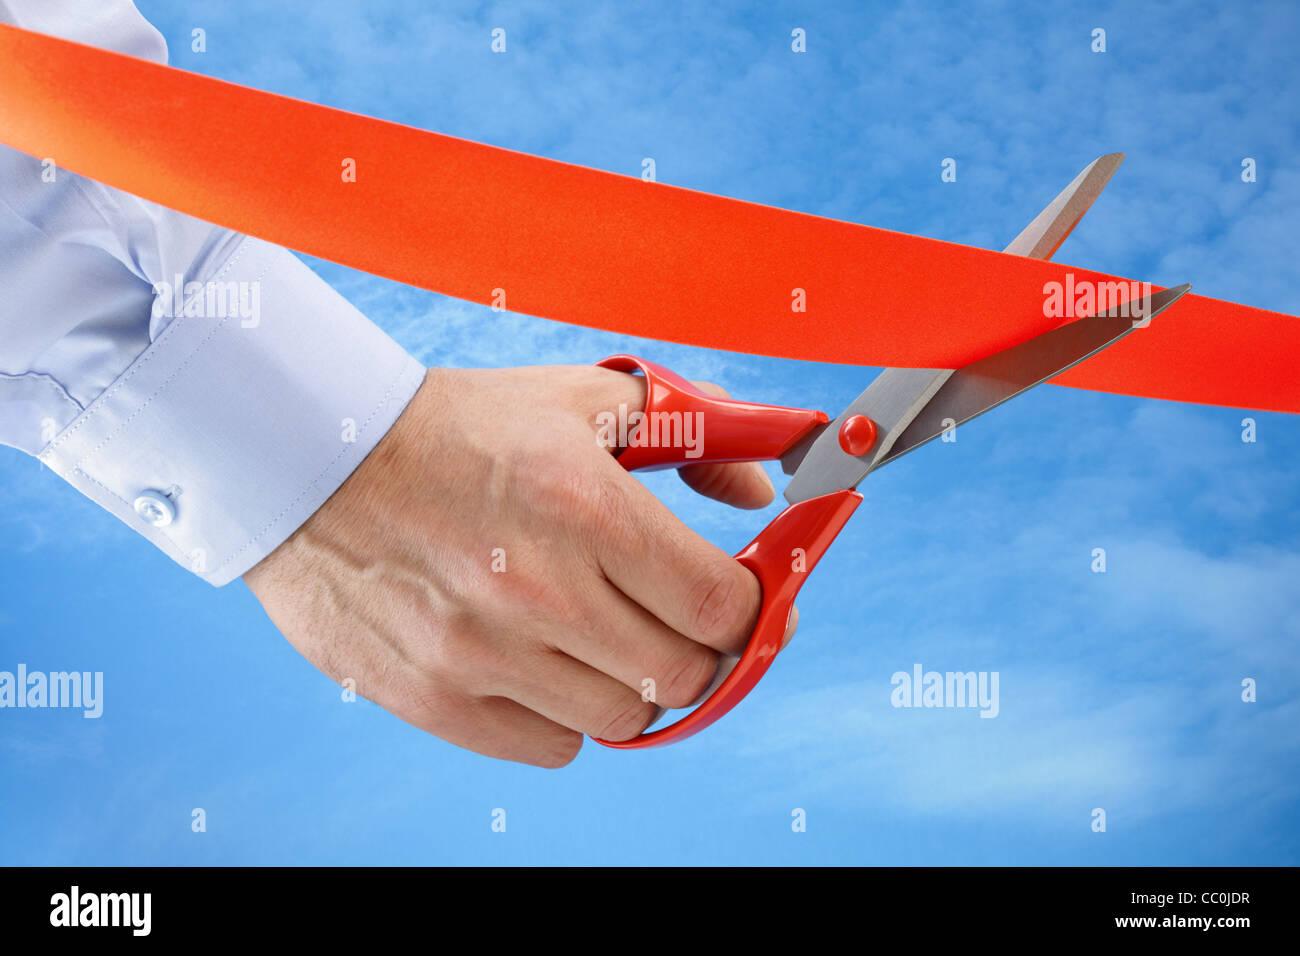 Cortar una cinta roja Imagen De Stock